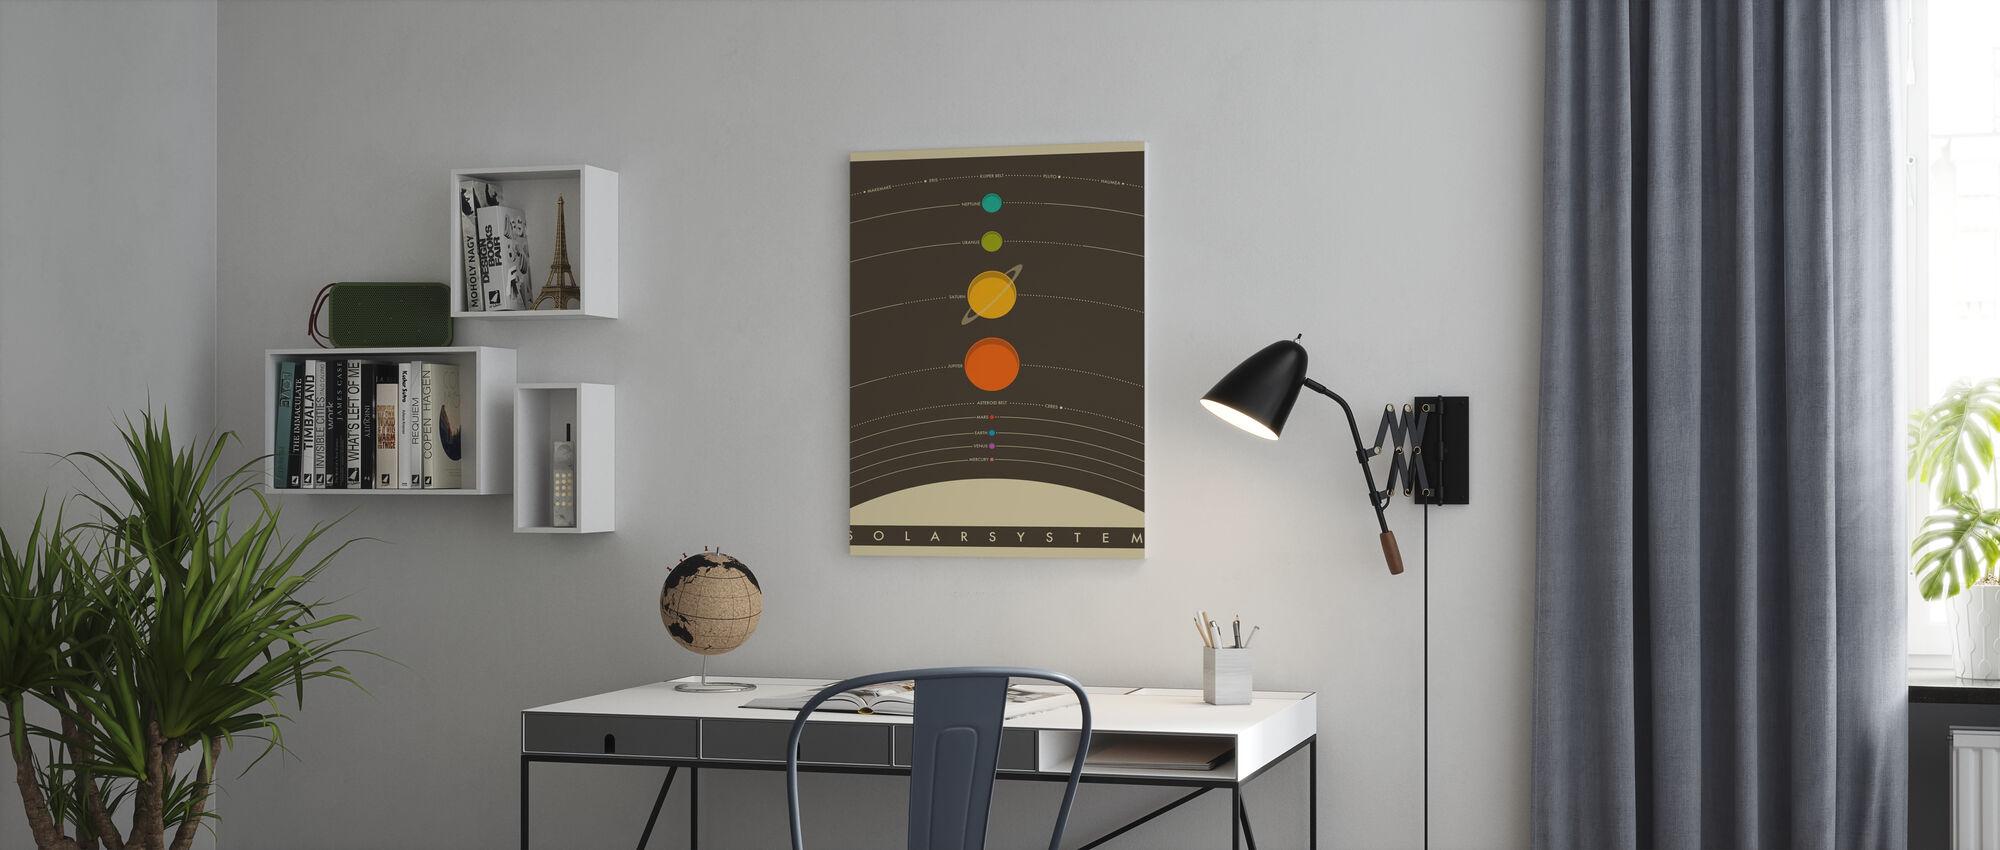 Sonnensystem - Braun - Leinwandbild - Büro